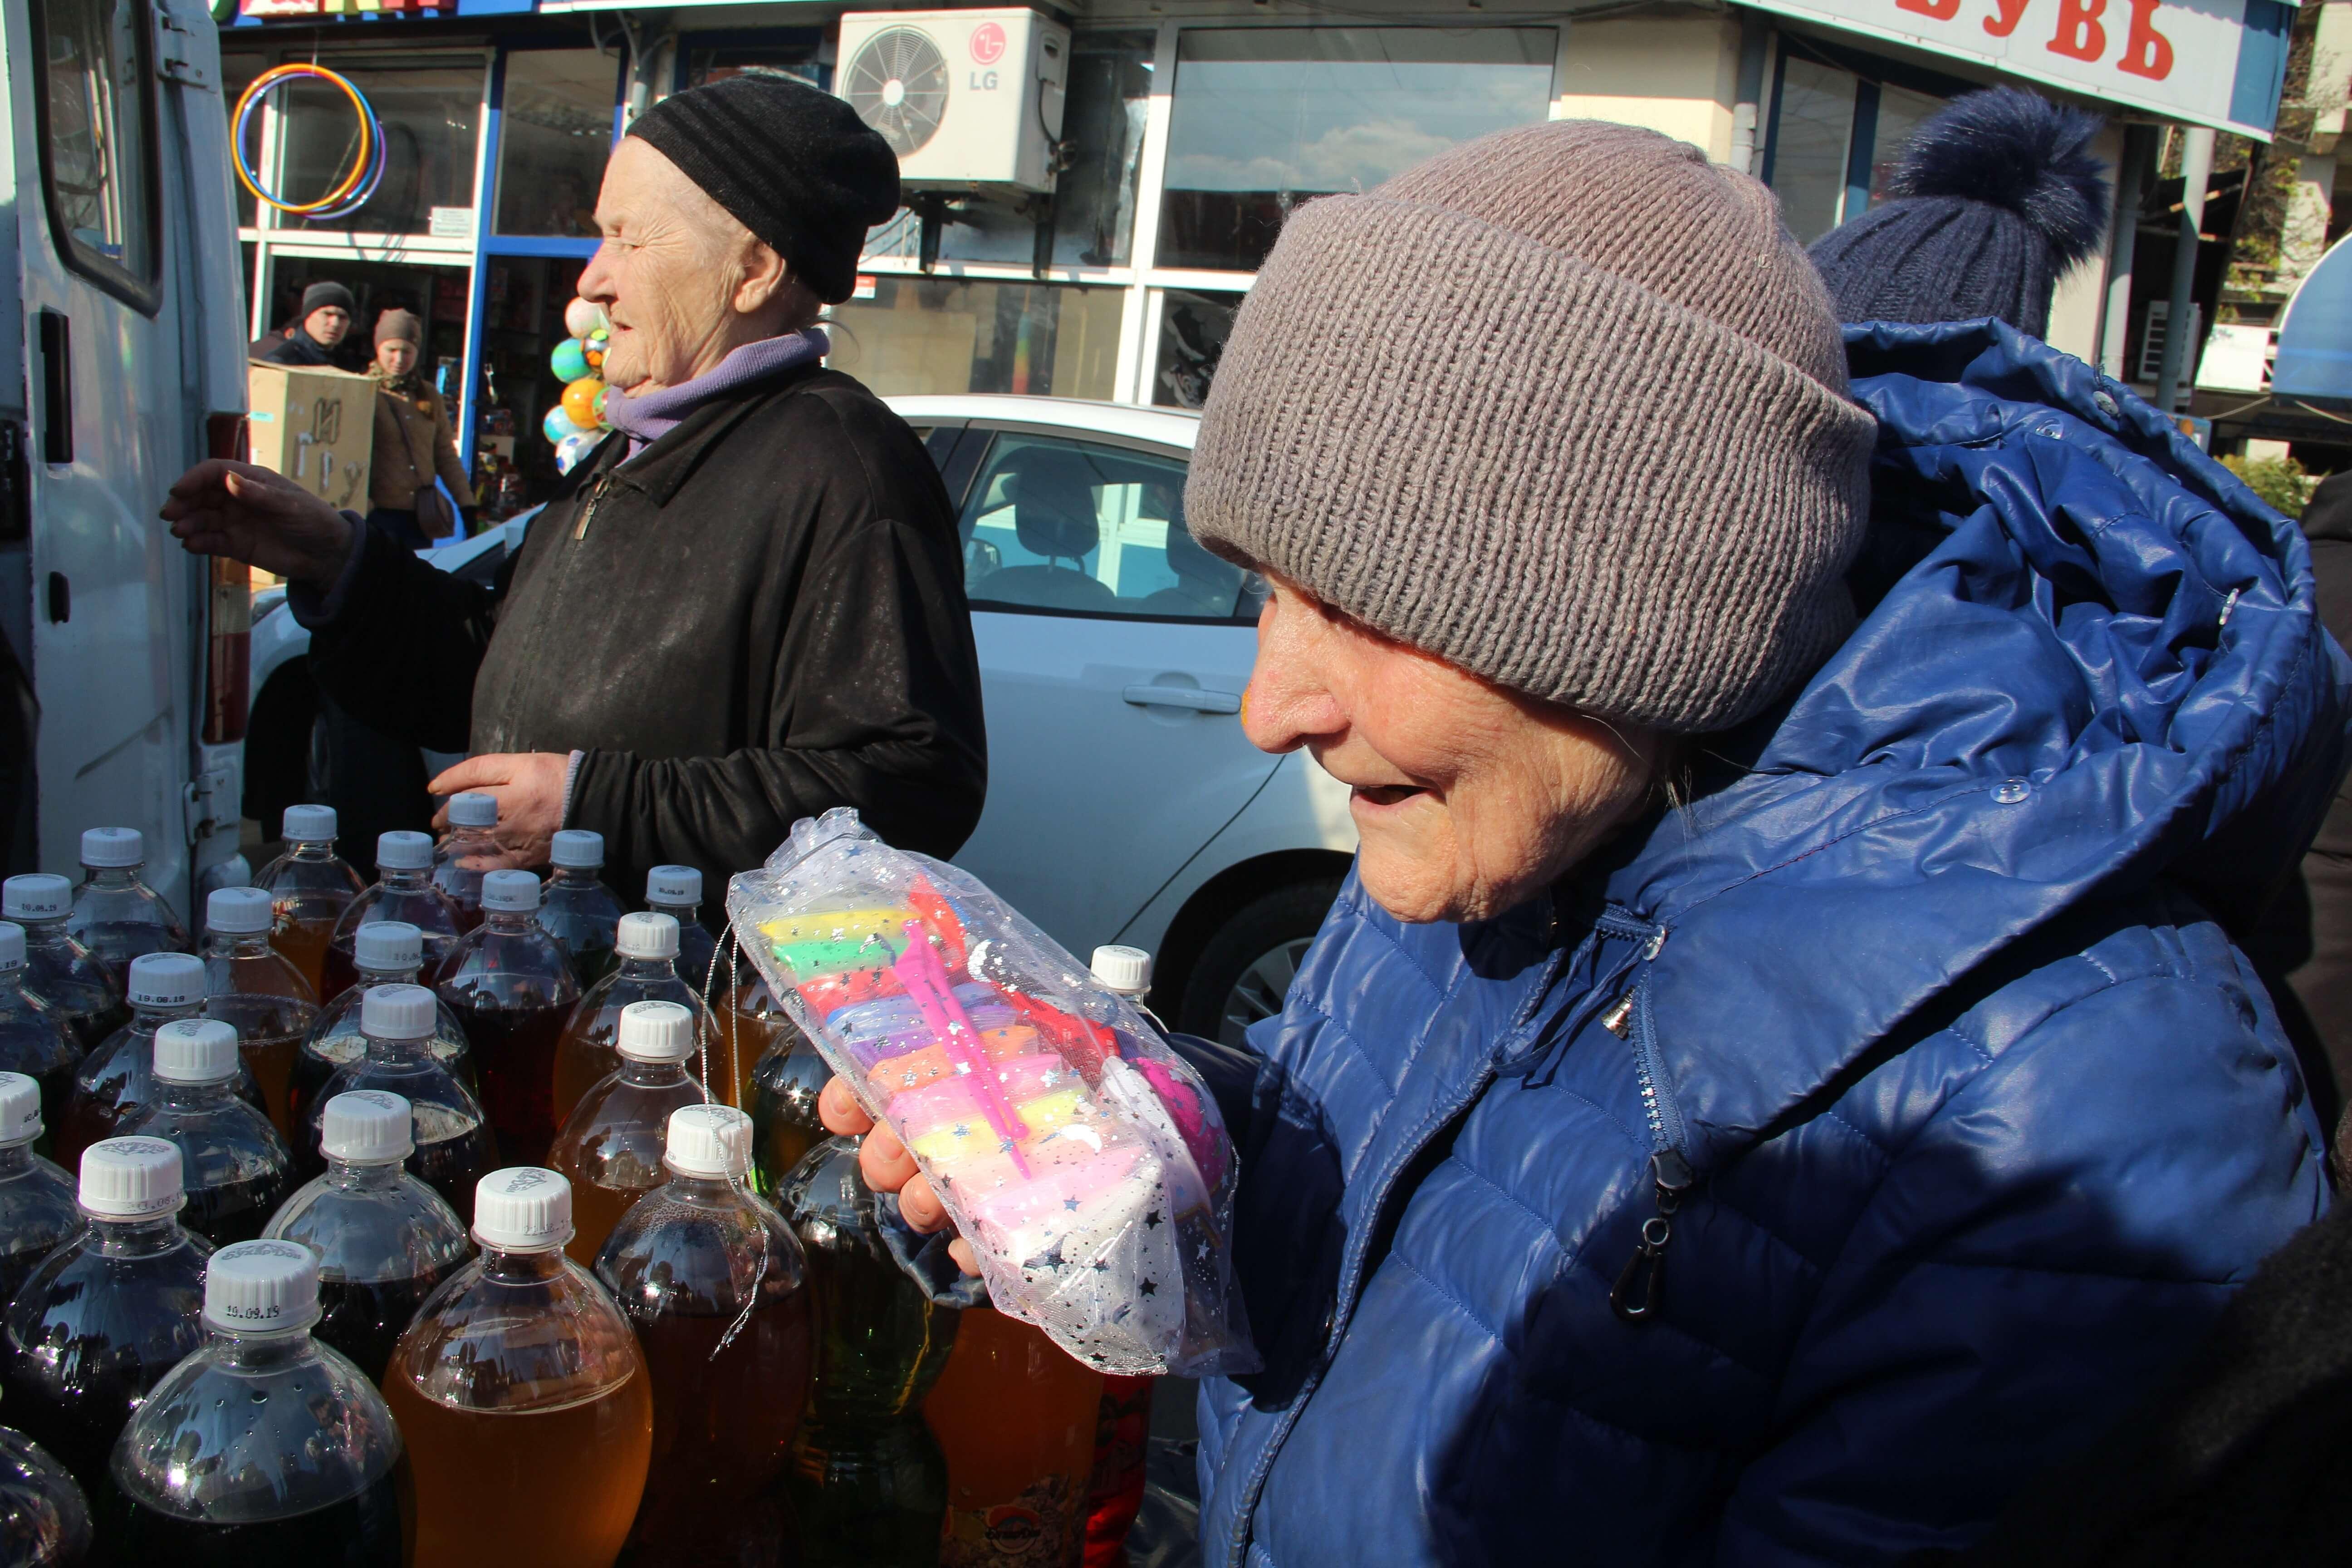 В центре Краснодара раздавали бесплатную еду. Как это было